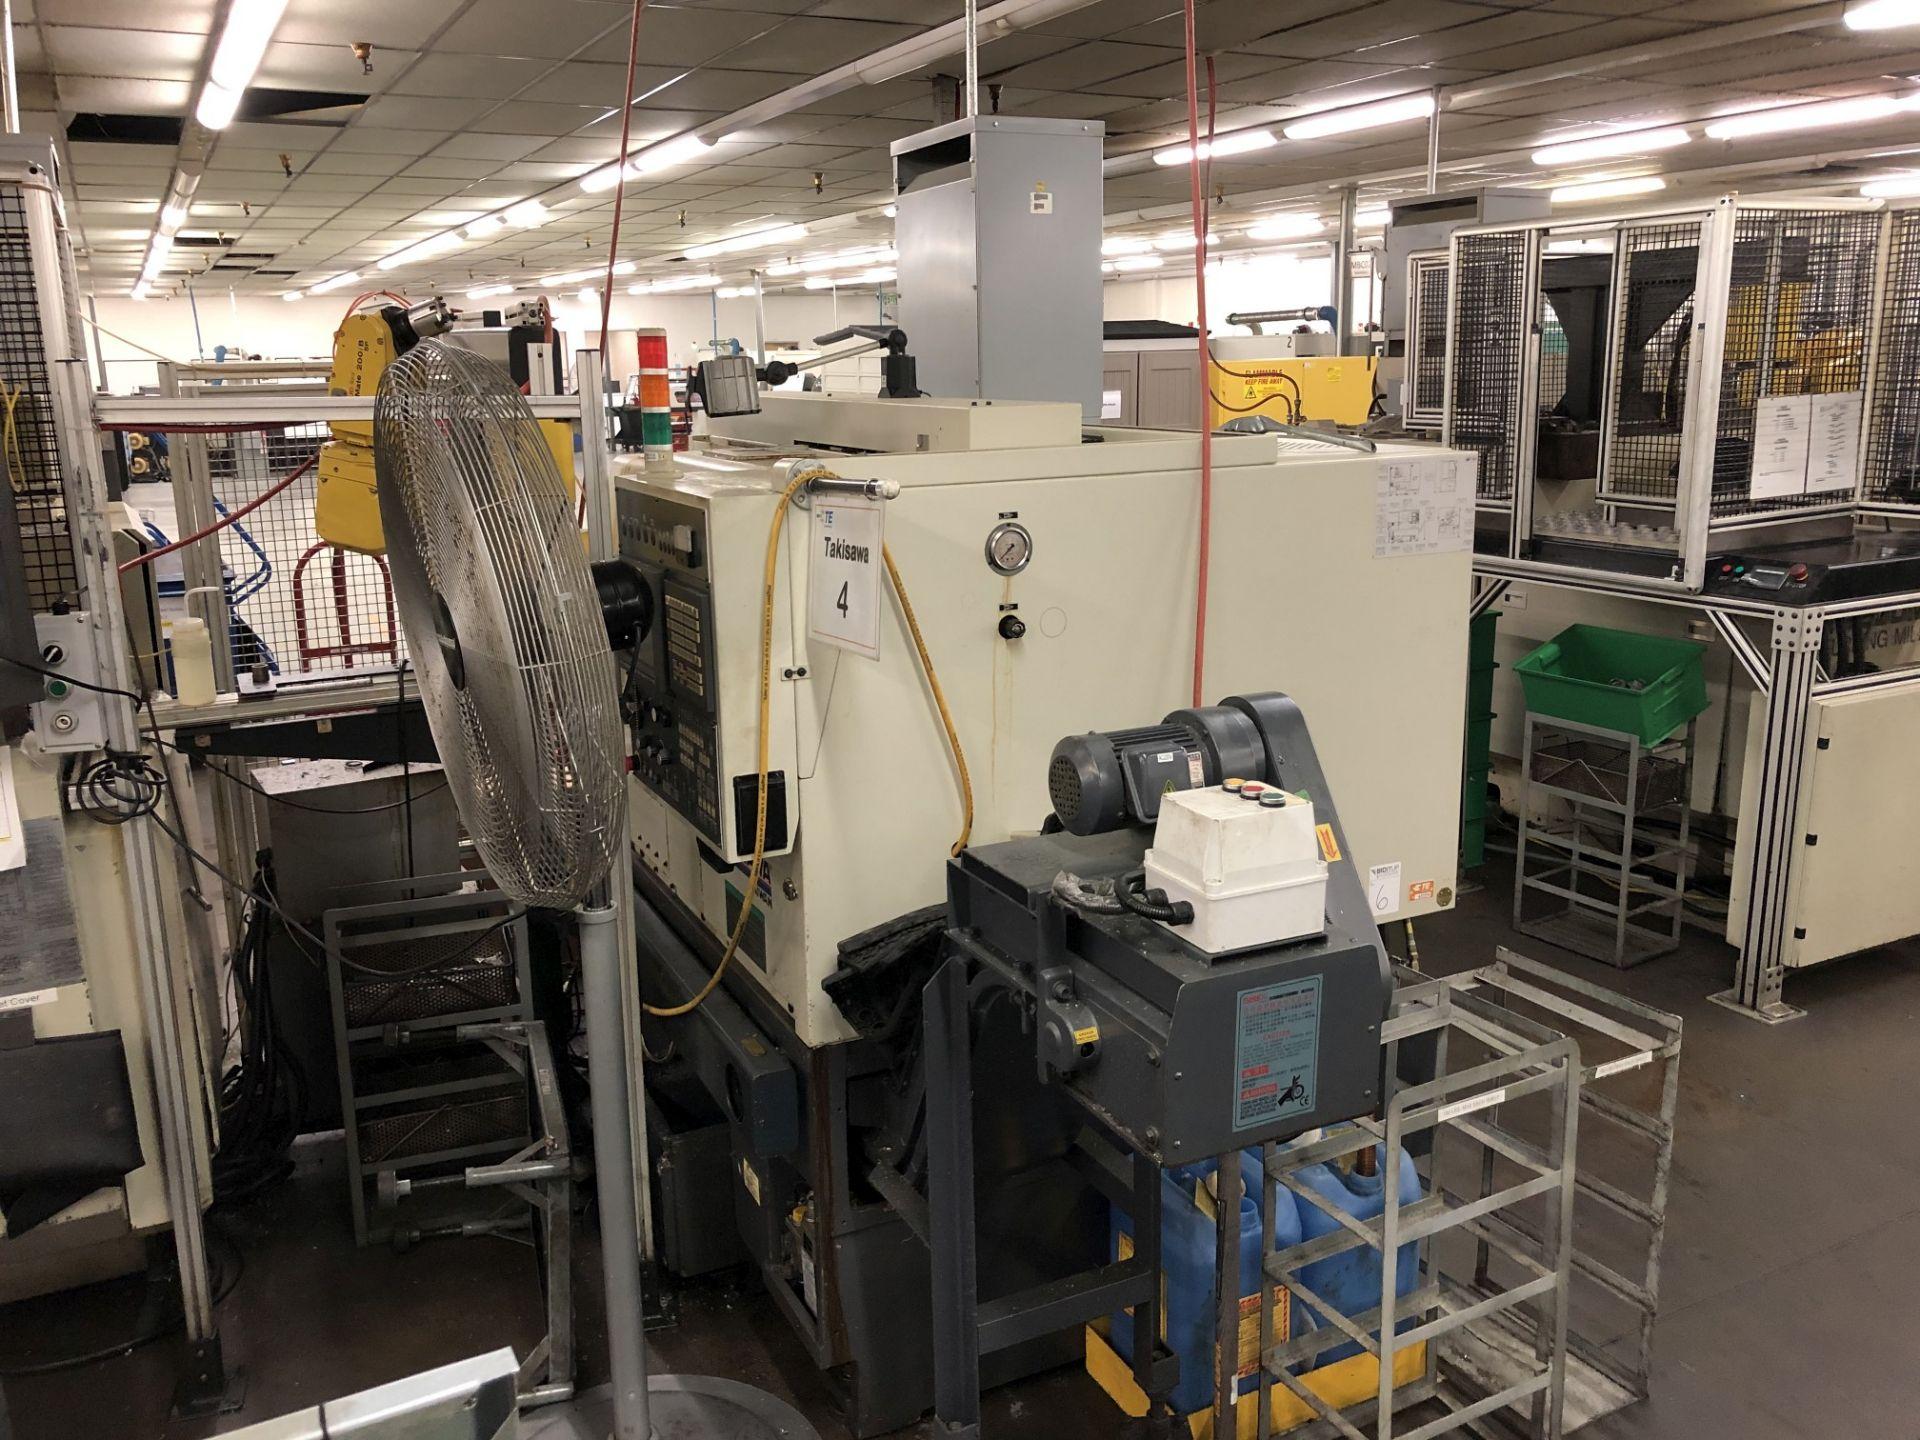 2006 Takisawa EX-106 CNC Lathe - Image 2 of 8